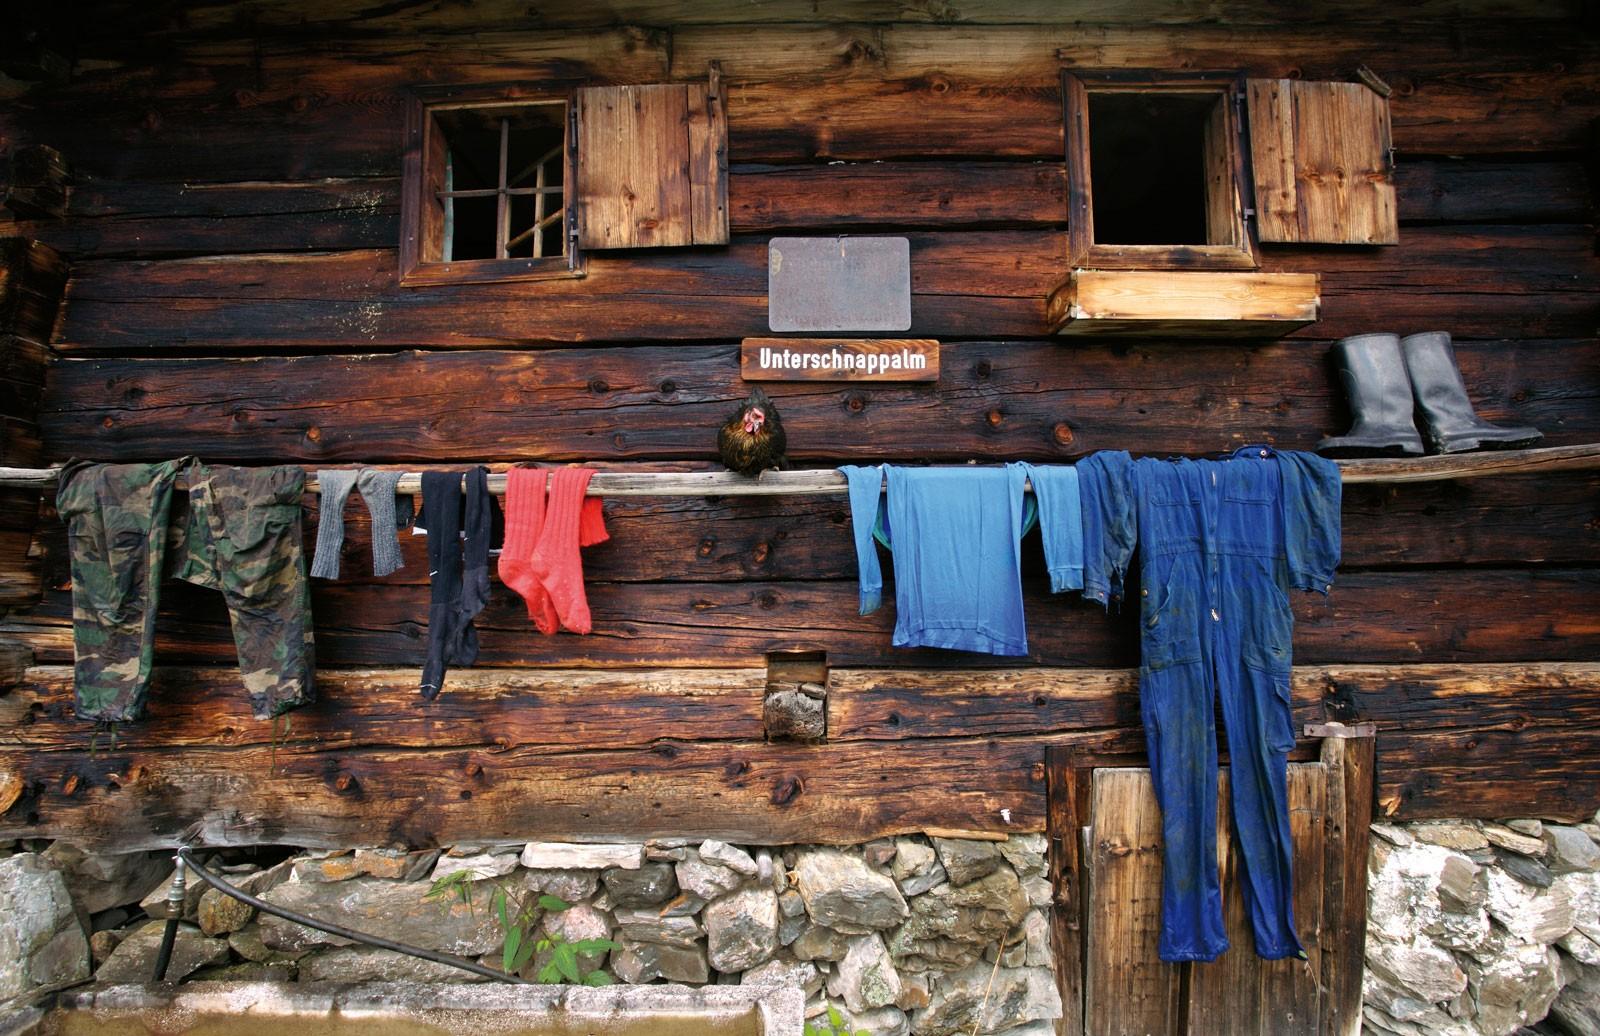 Unterschnappalm - 2009, client: Tirol Werbung